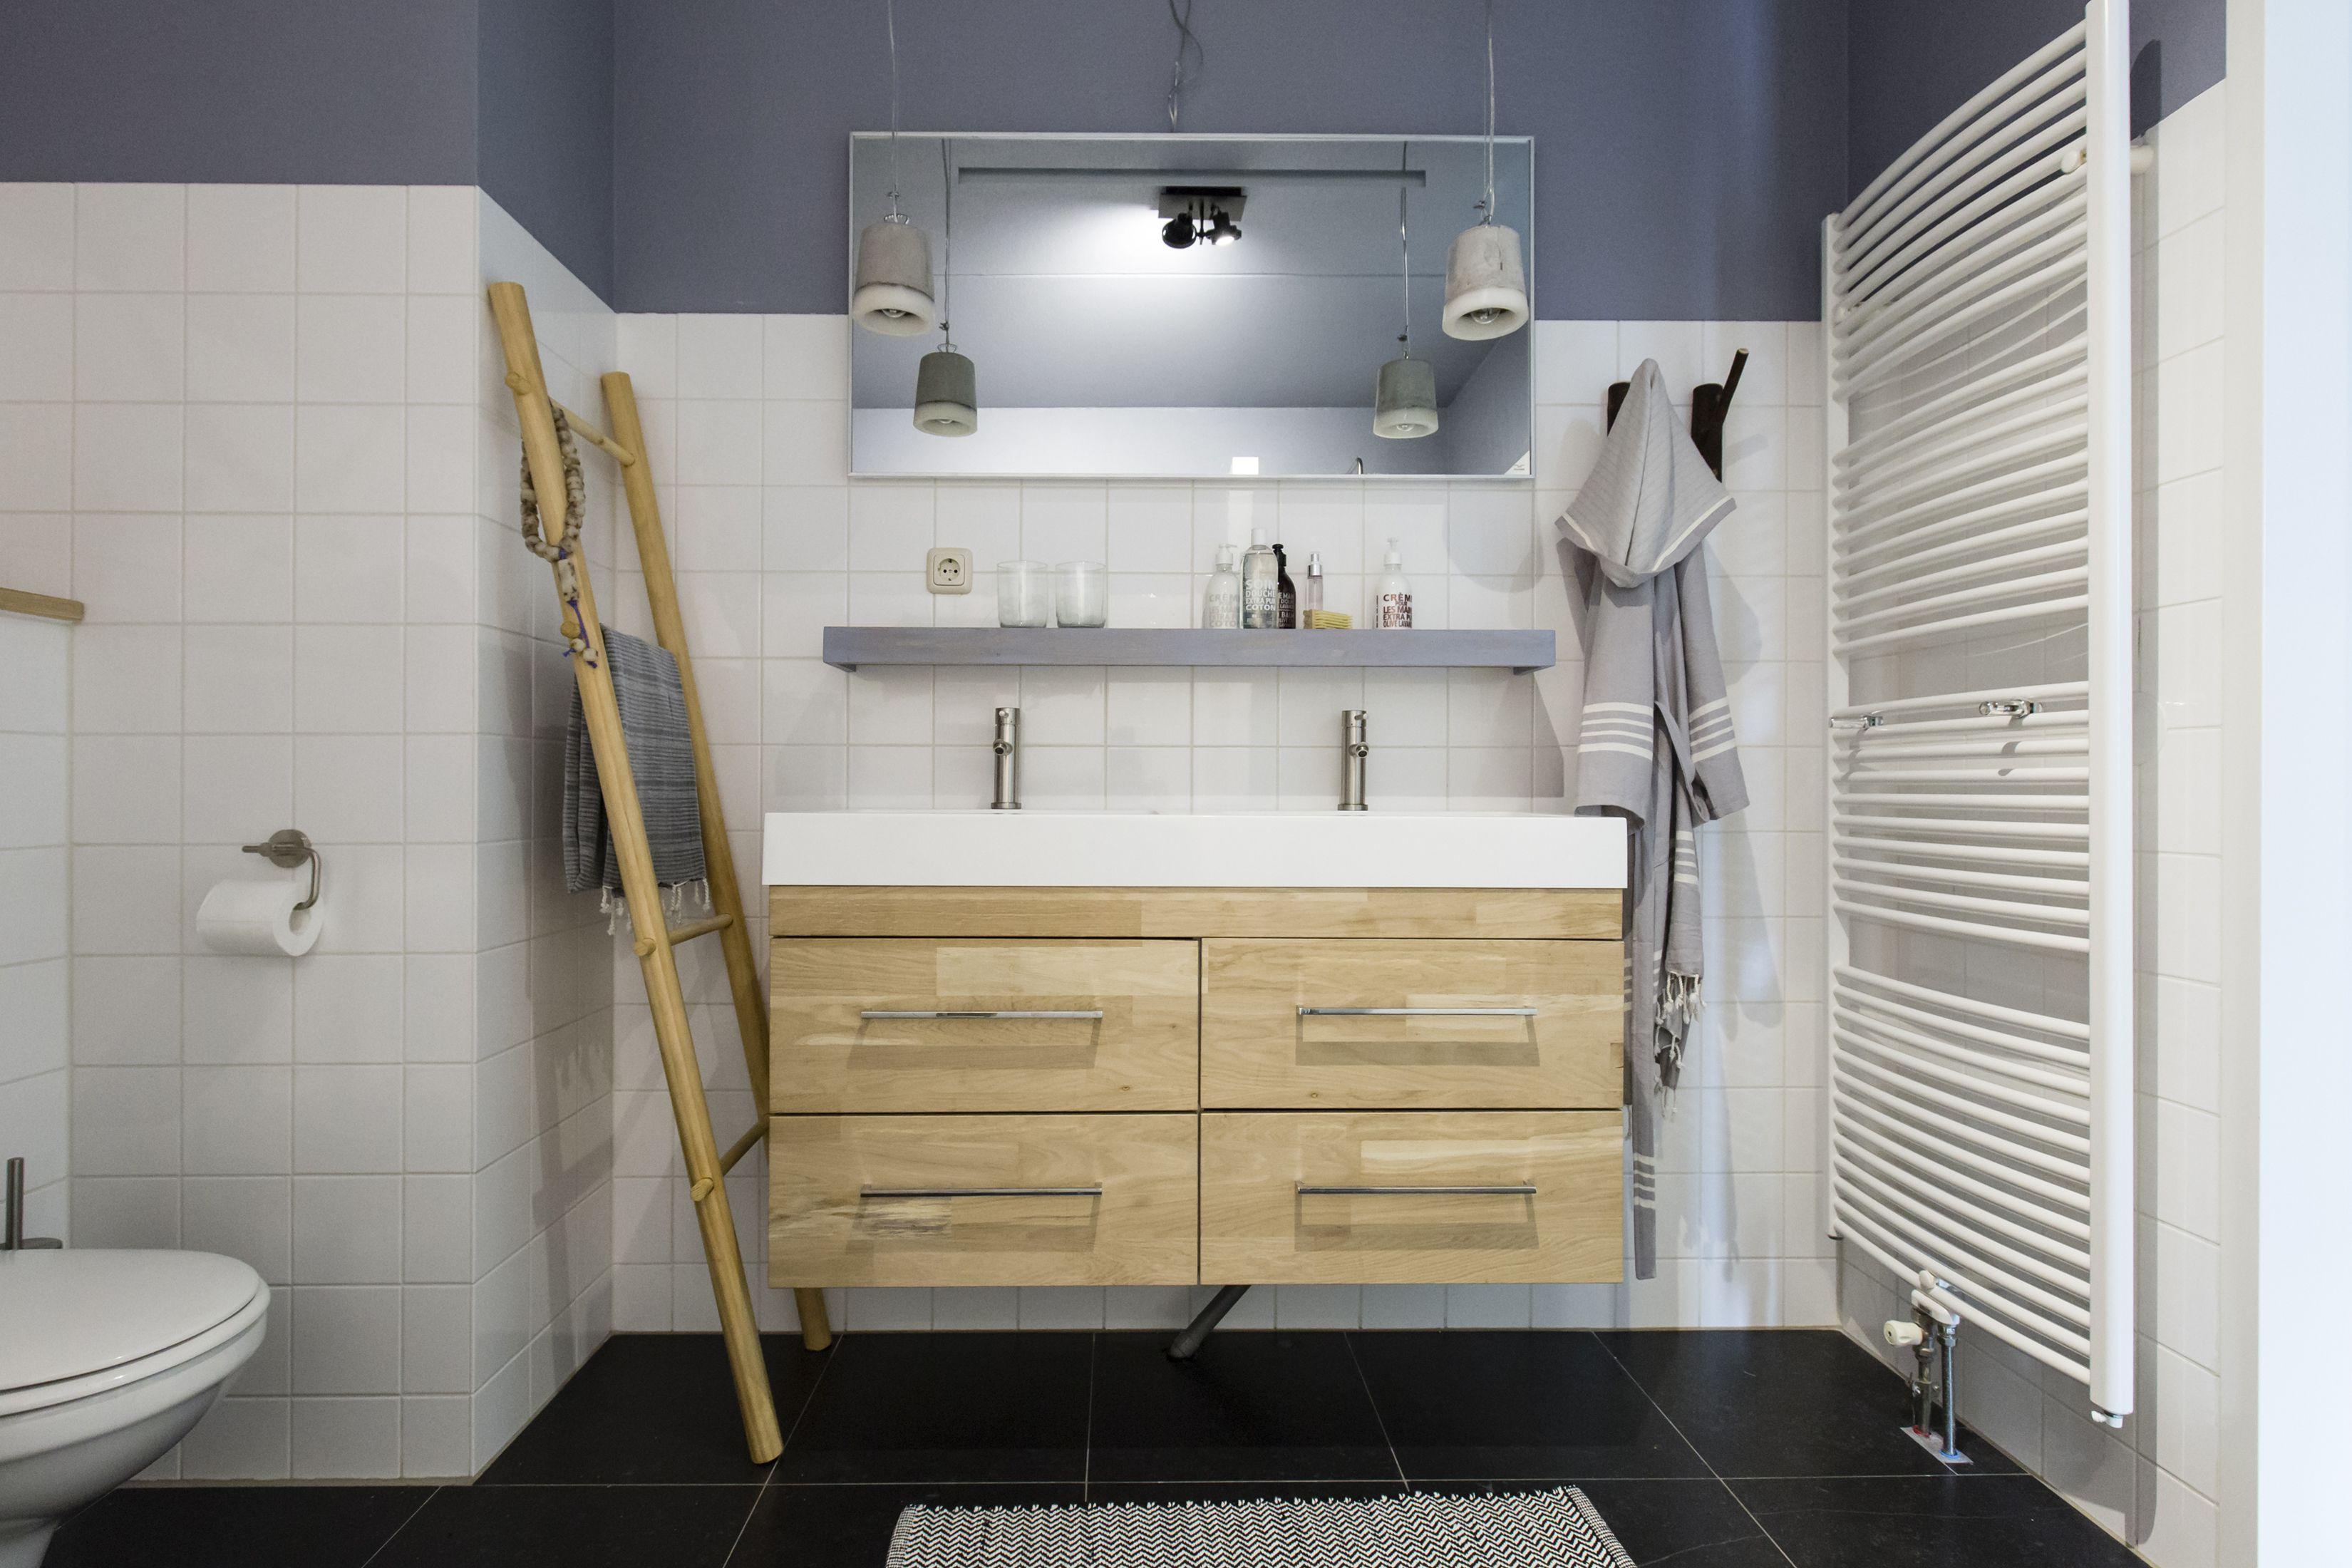 Ikea Badkamer Planchet : Karwei badkamerrek nieuwe serveertafel trolley roan op wielen